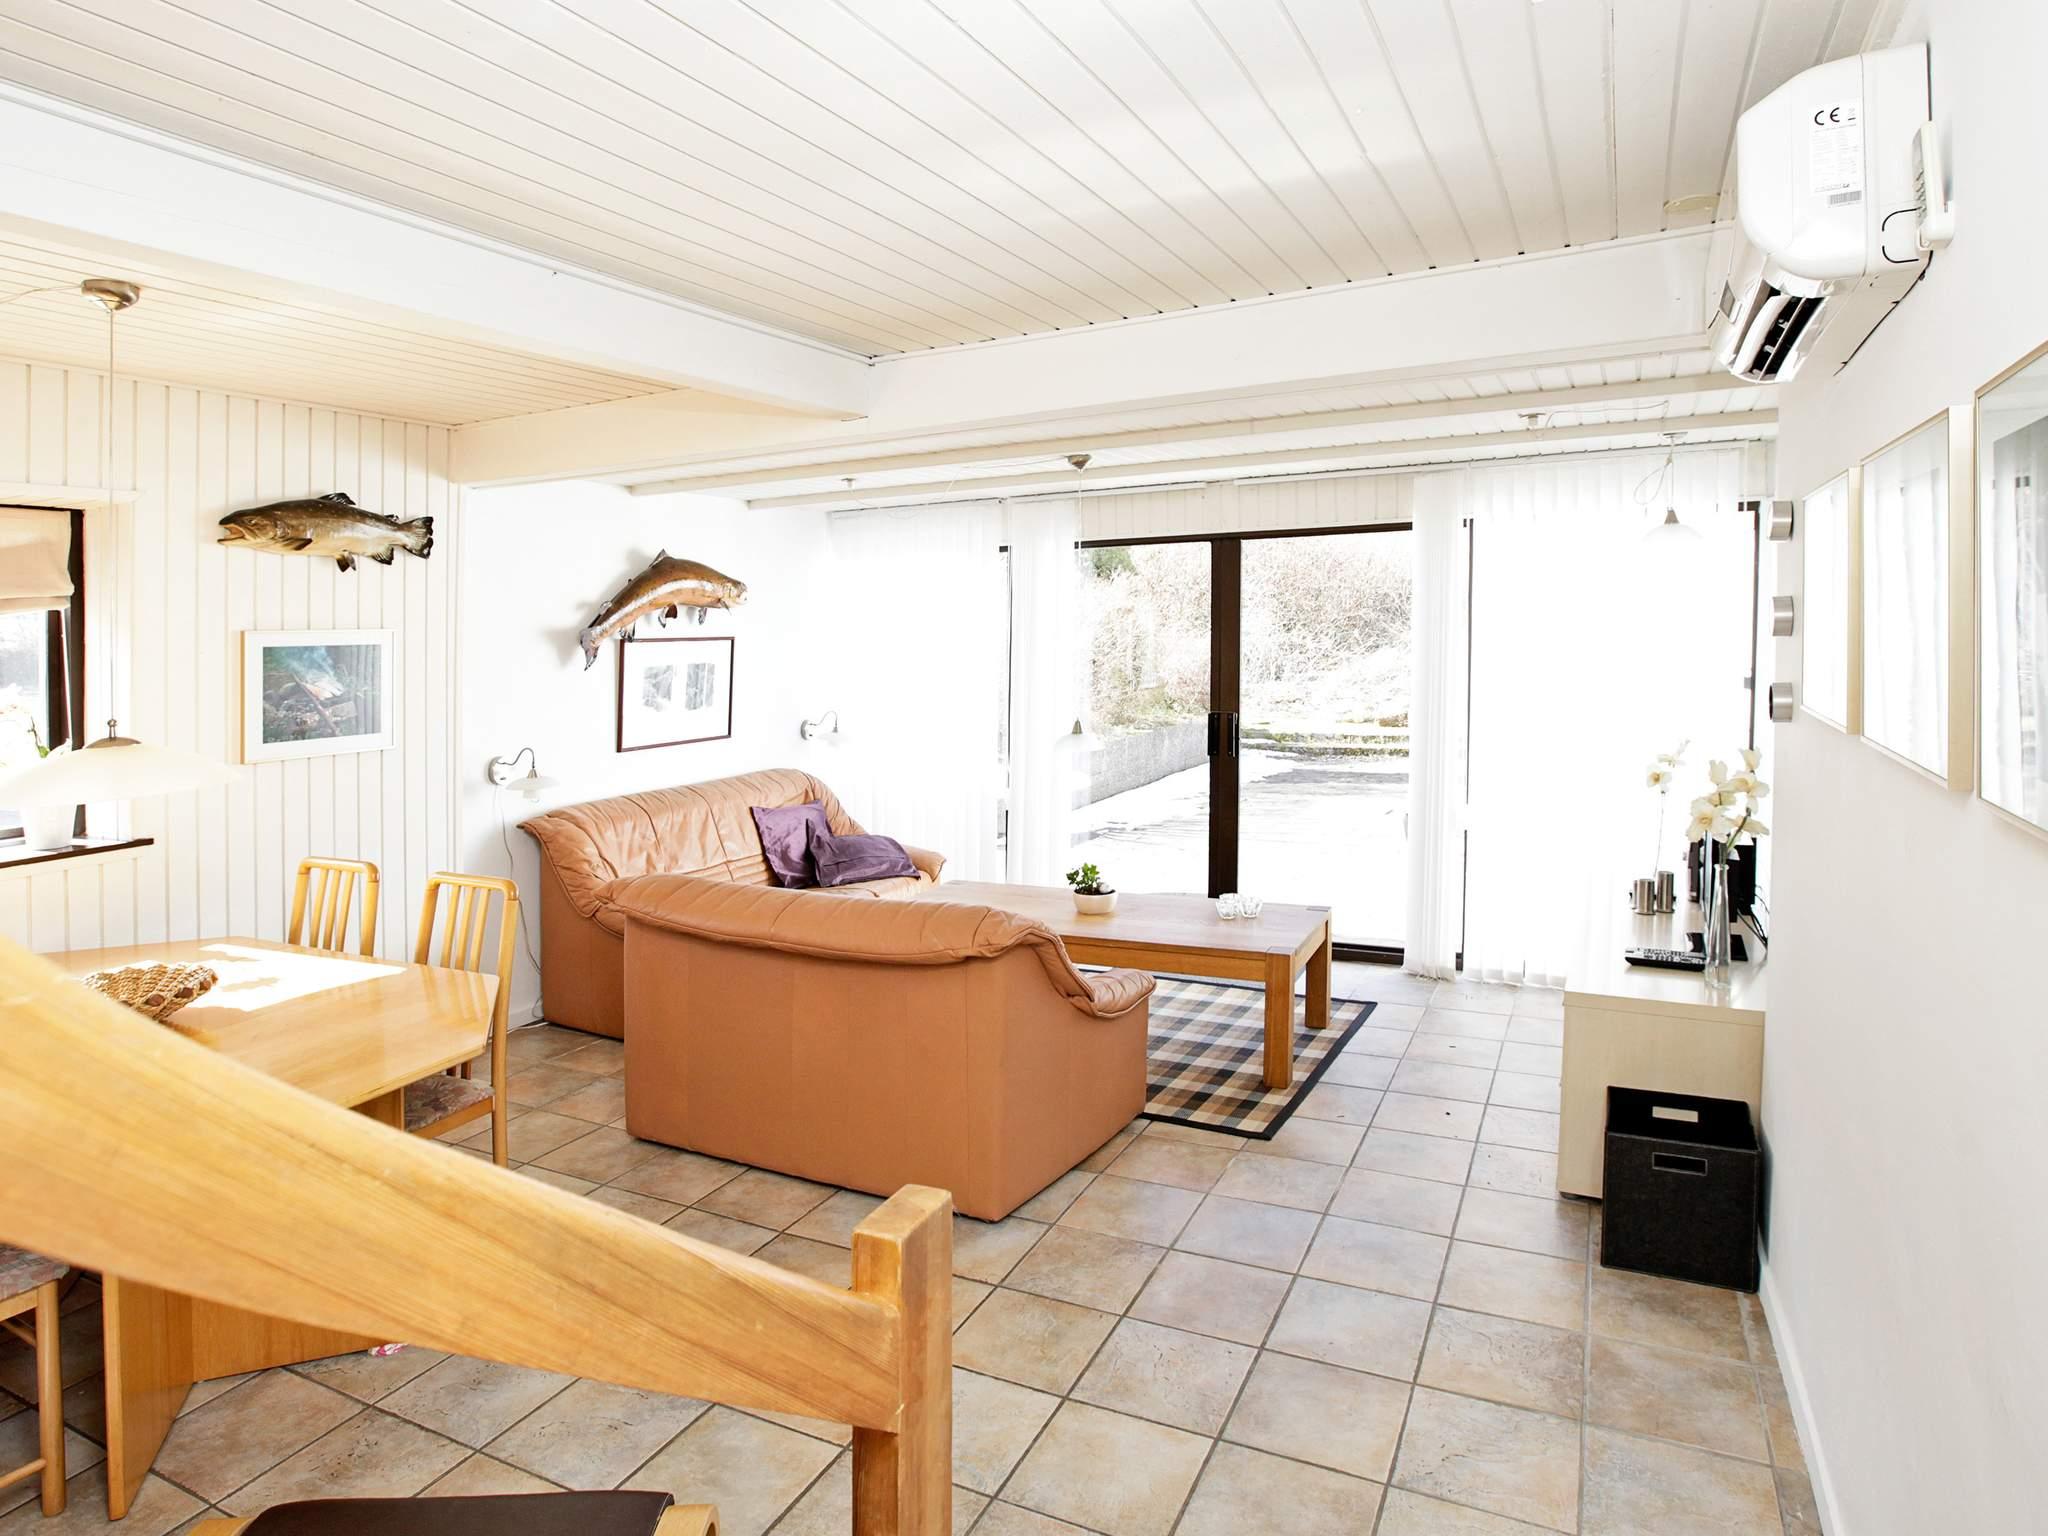 Ferienhaus Silkeborg (757425), Silkeborg, , Ostjütland, Dänemark, Bild 5